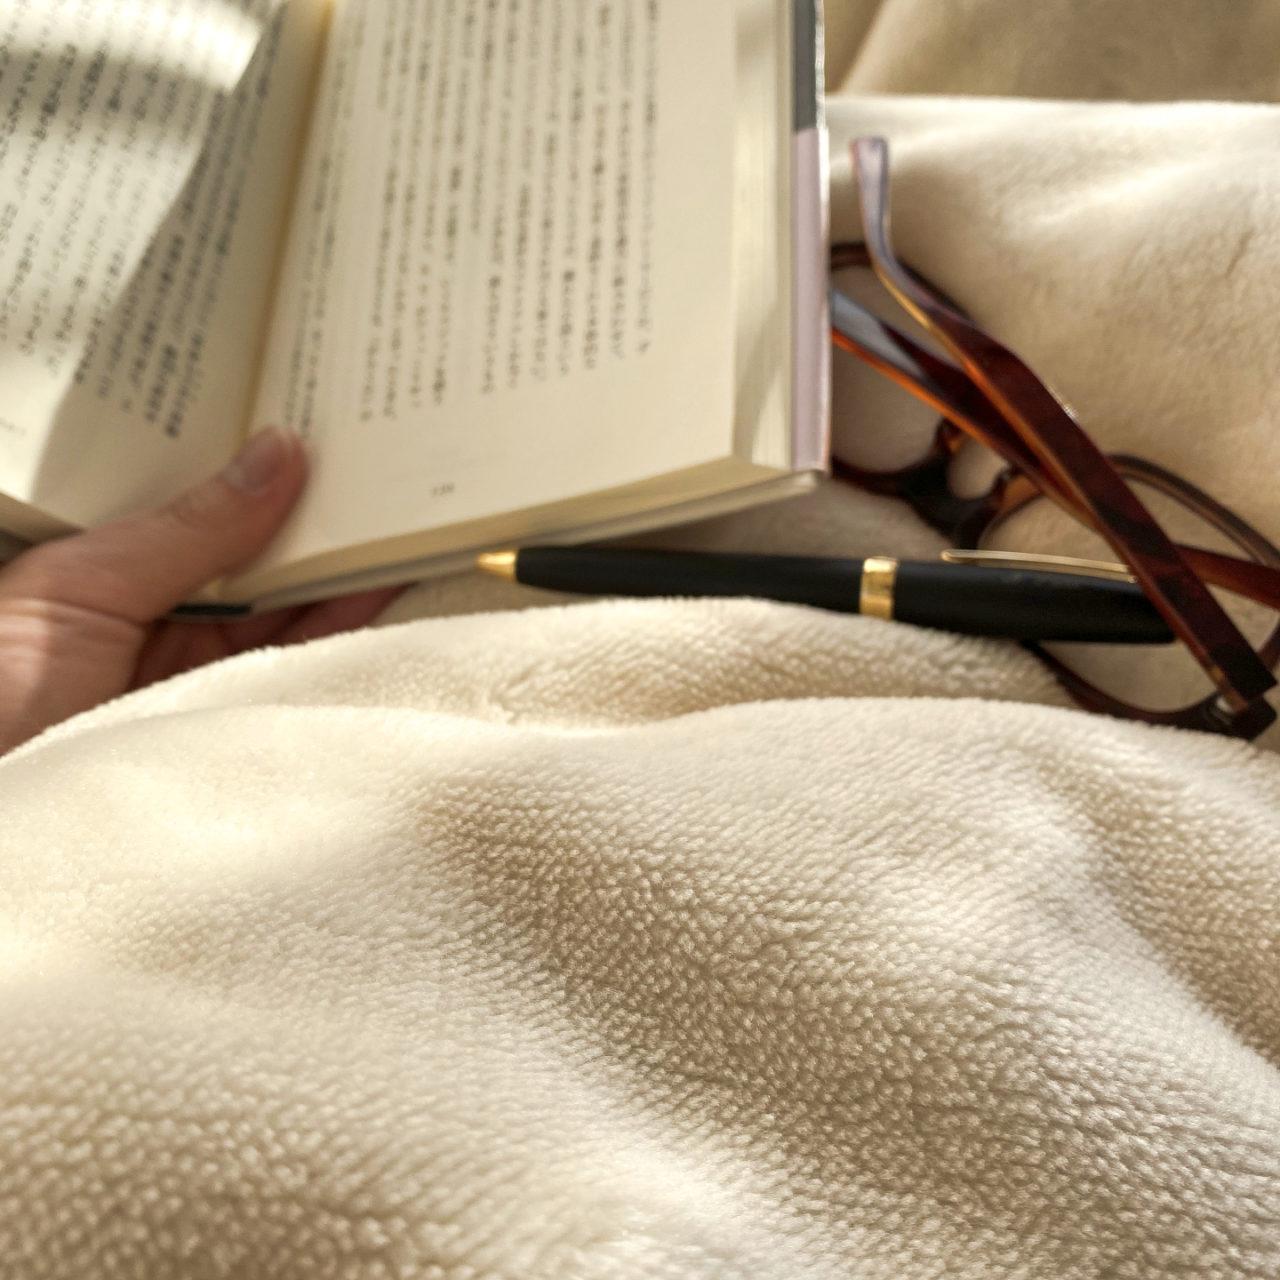 毛布にくるまり本を読んでいる